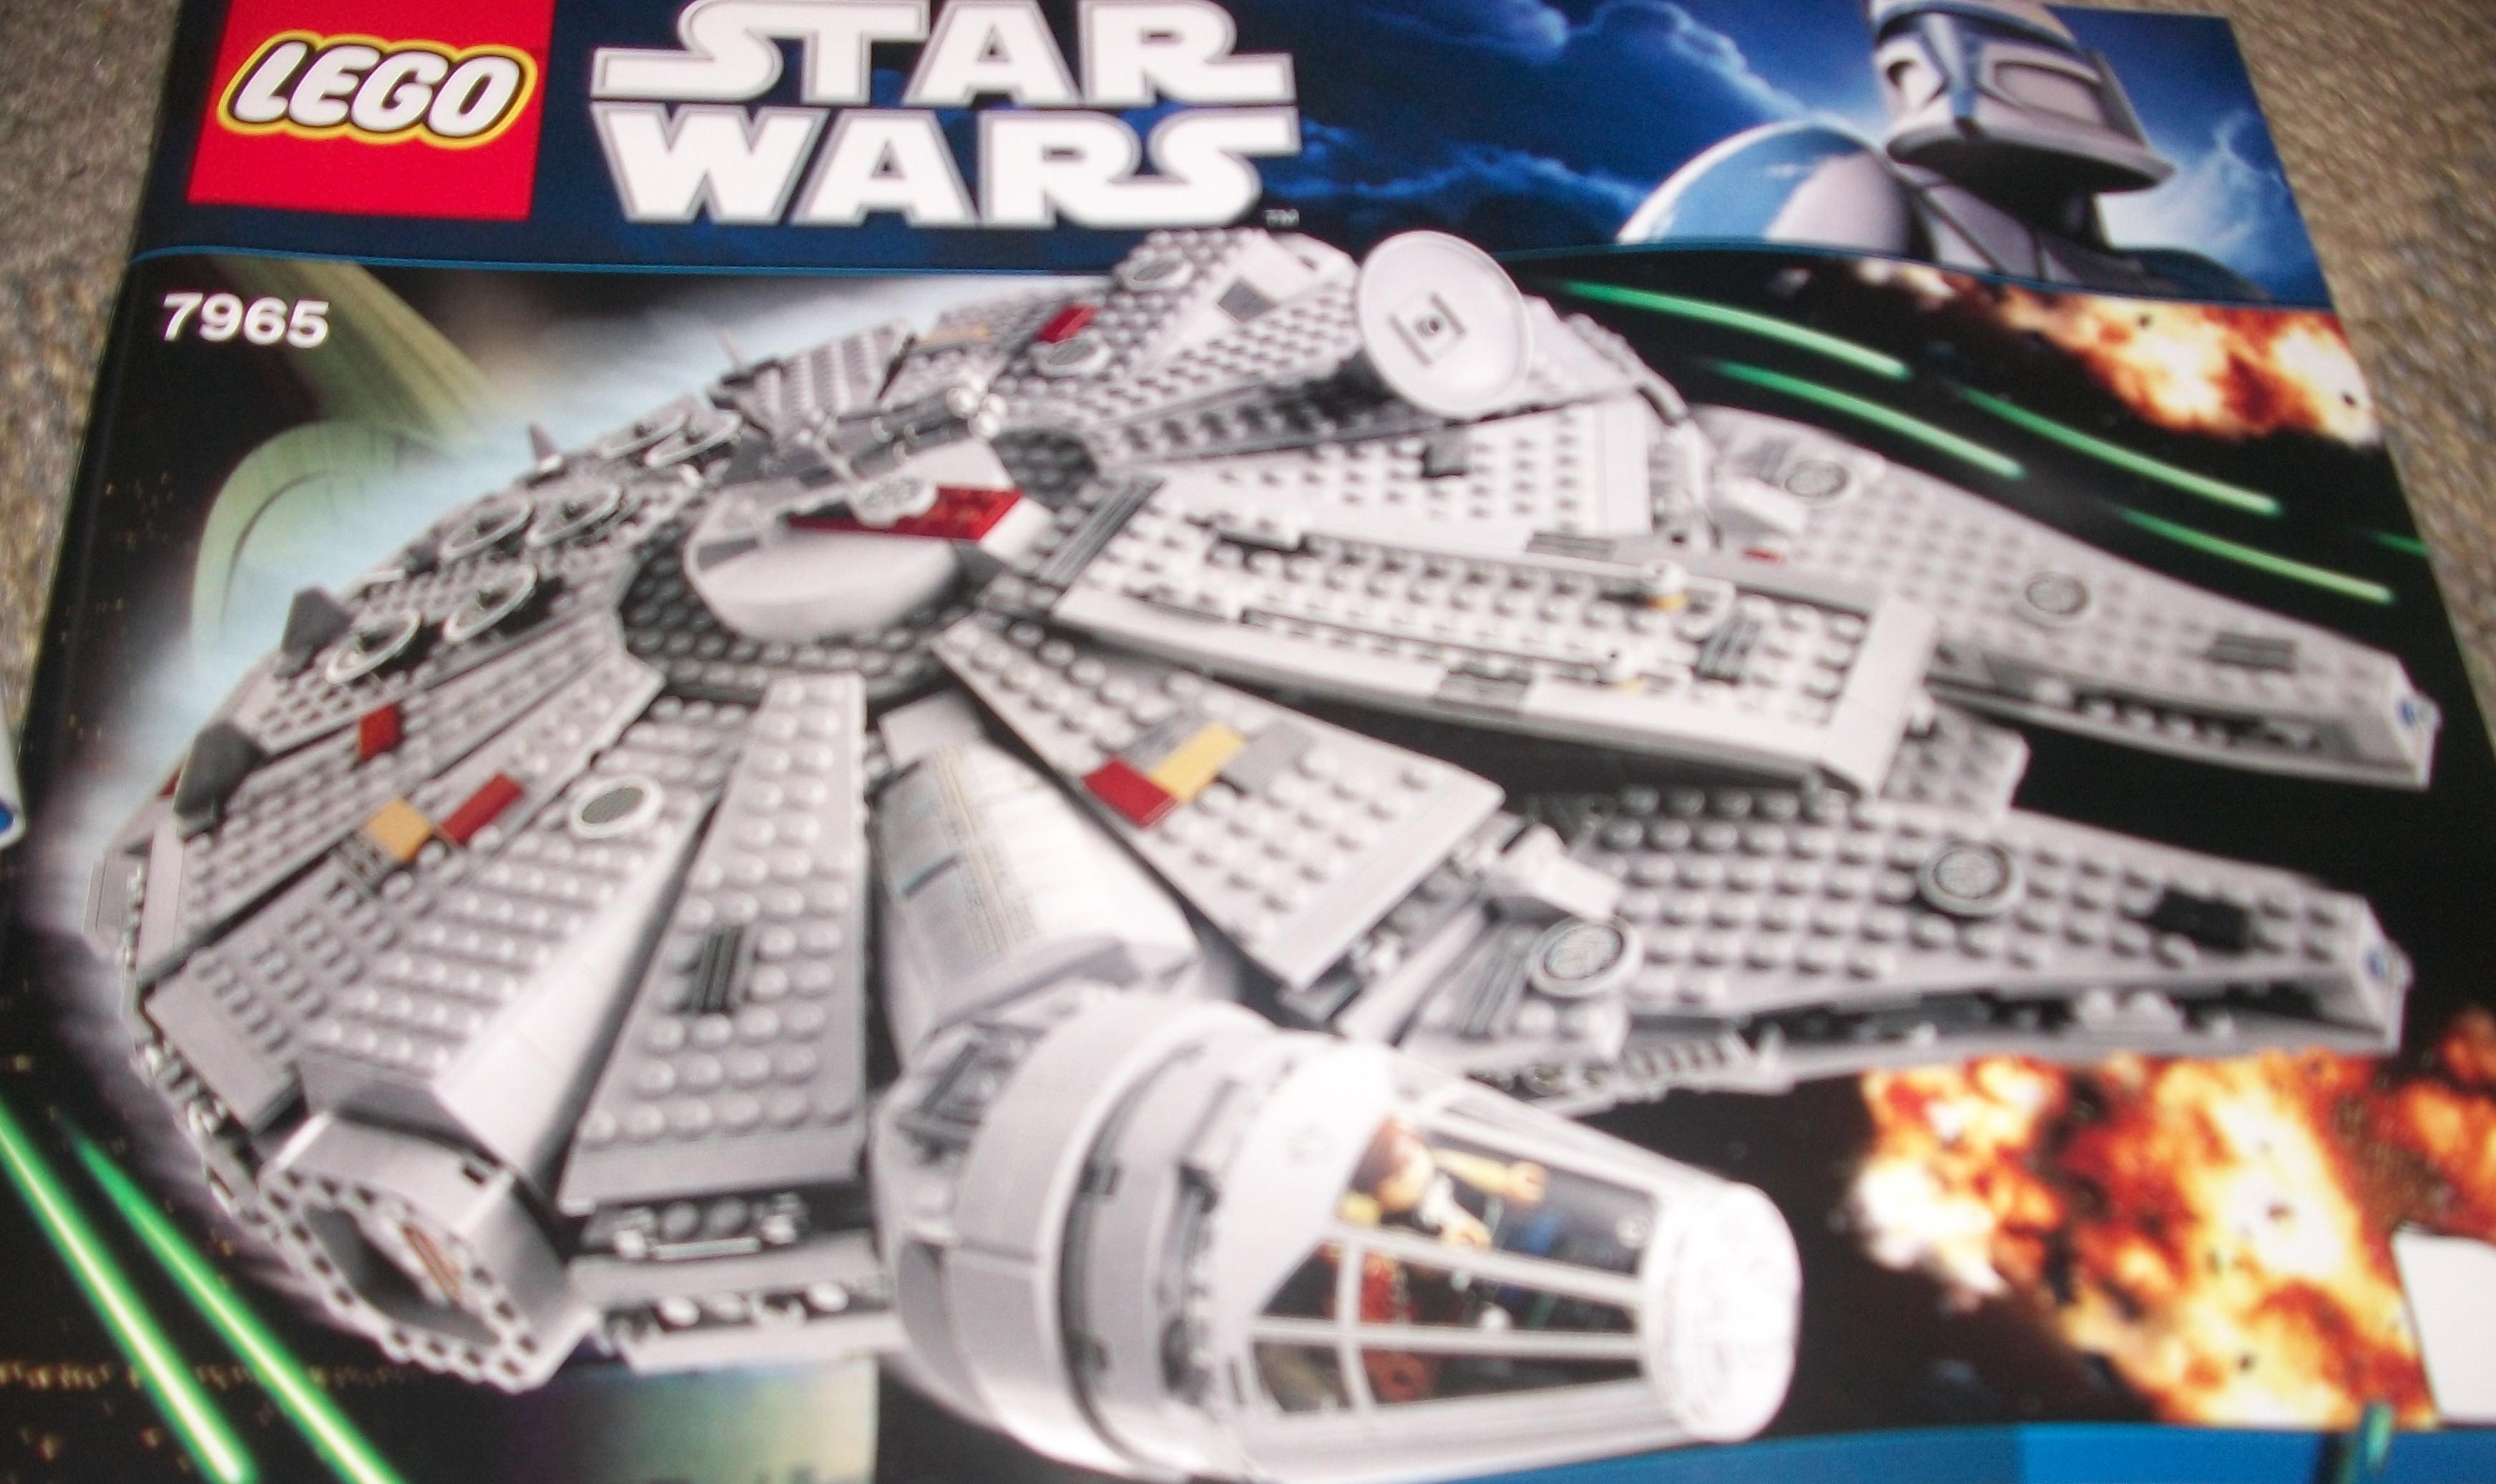 Star Wars LEGO Millennium Falcon 7965